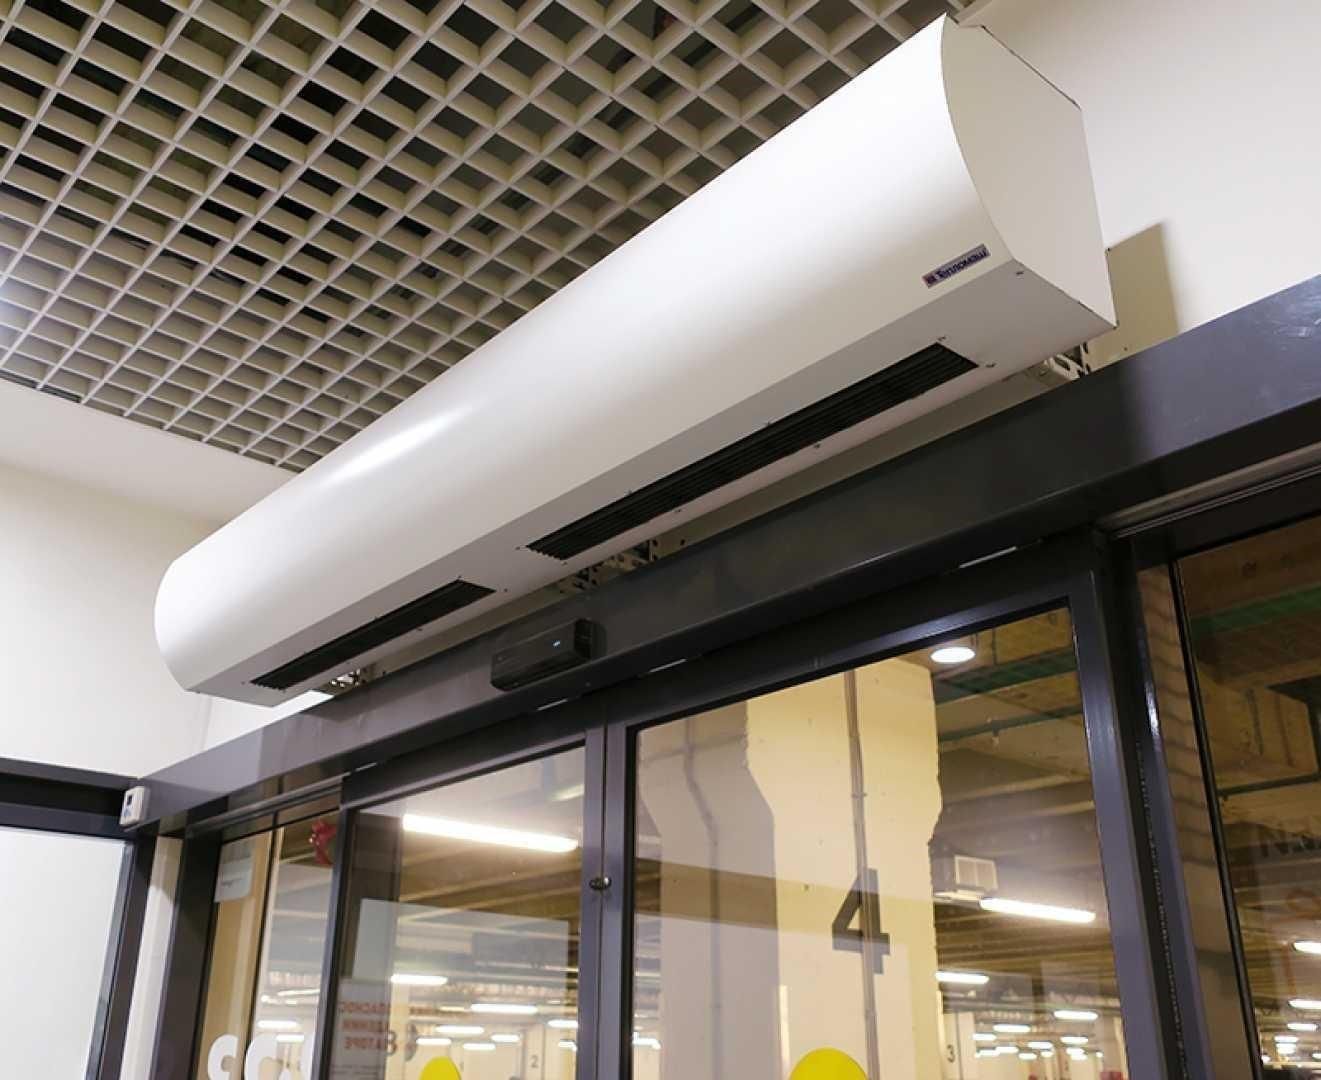 Тепловая завеса КЭВ-9П4032E - 9 кВт, (длина 1.0 м) для проемов высотой от 3-5 м.